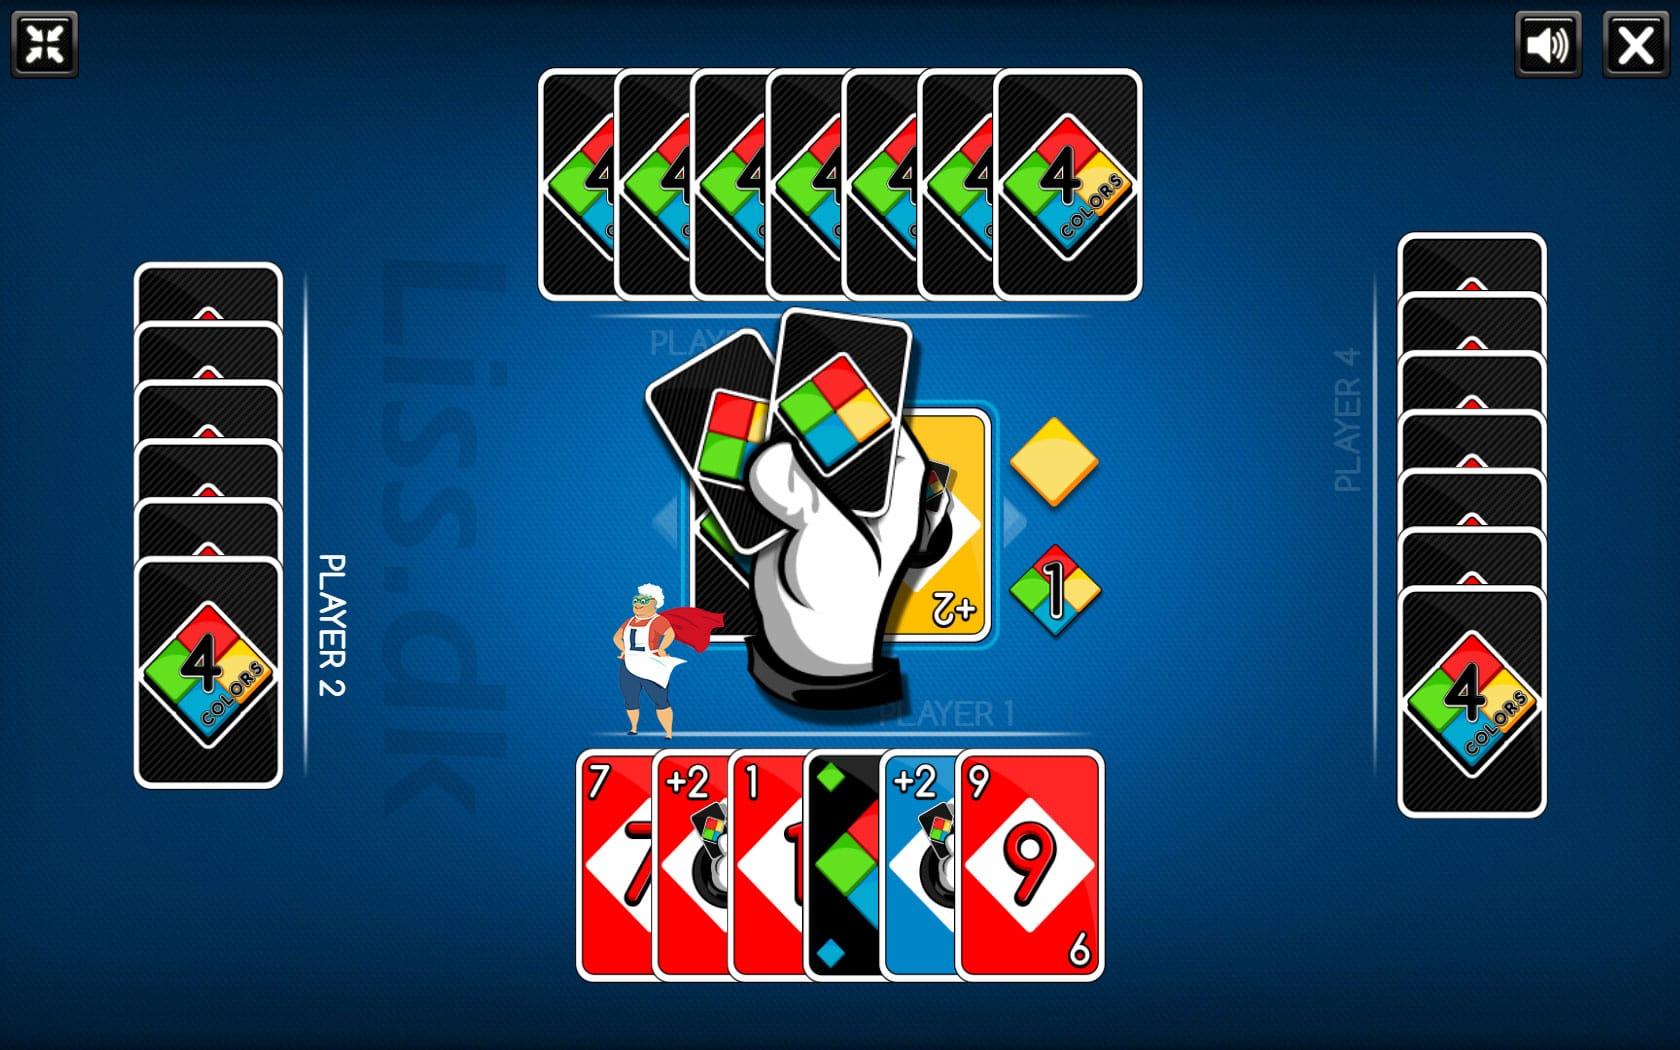 Du kan spille gratis UNO med 3 andre spillere